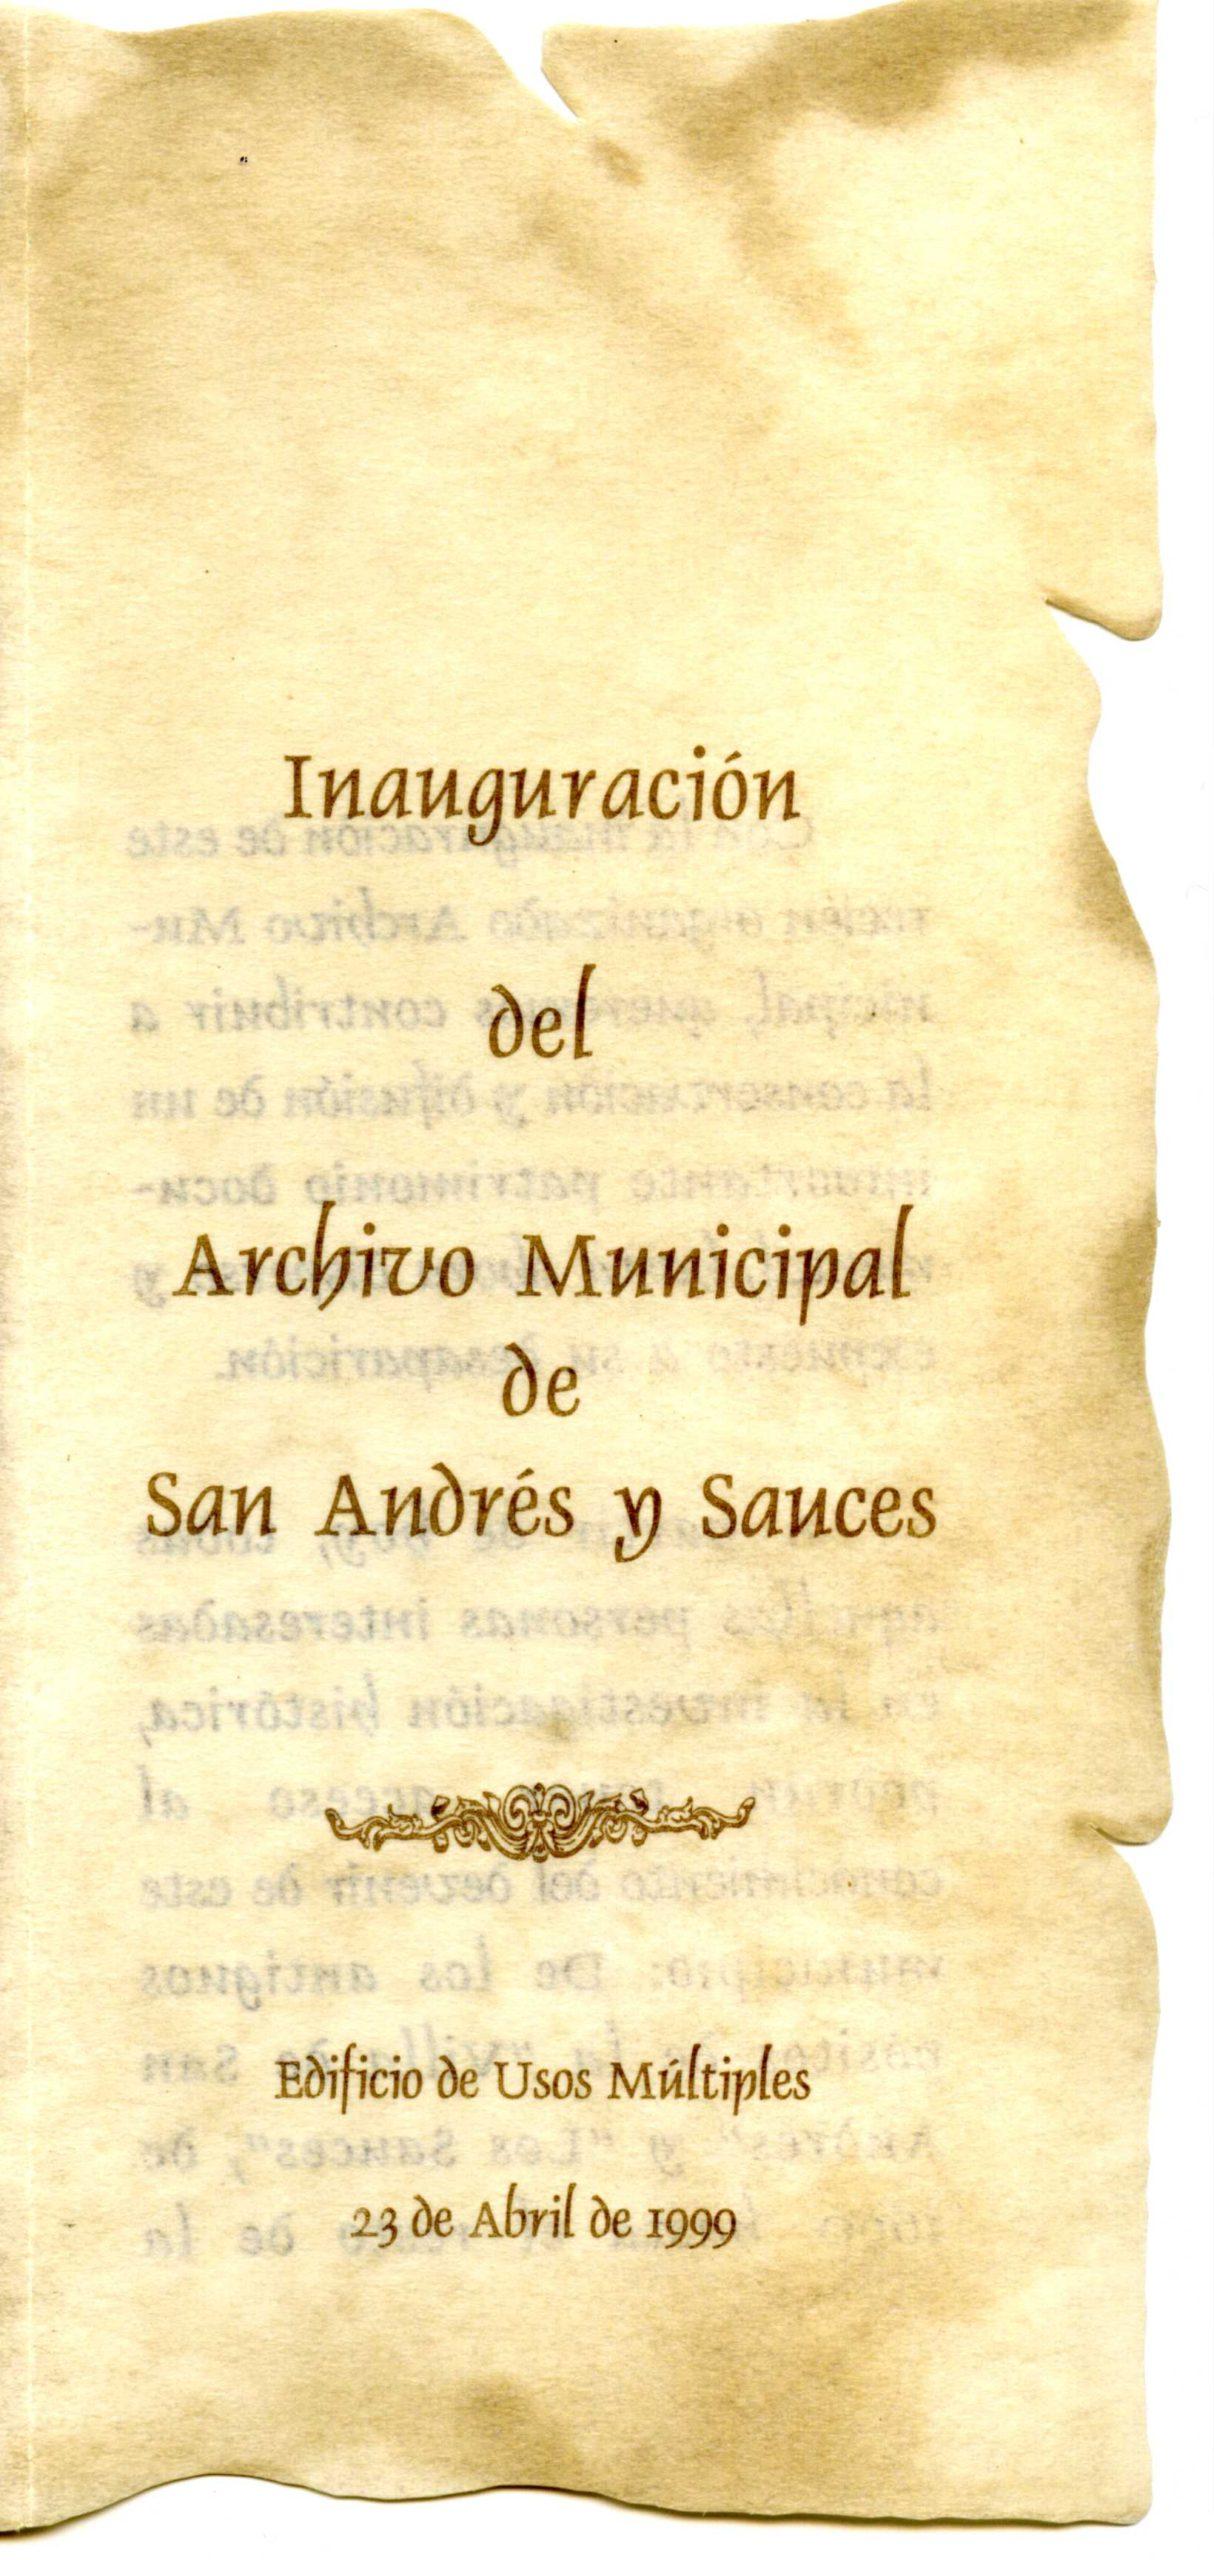 1. Programa de la inauguración del AMSAYS · San Andrés y Sauces